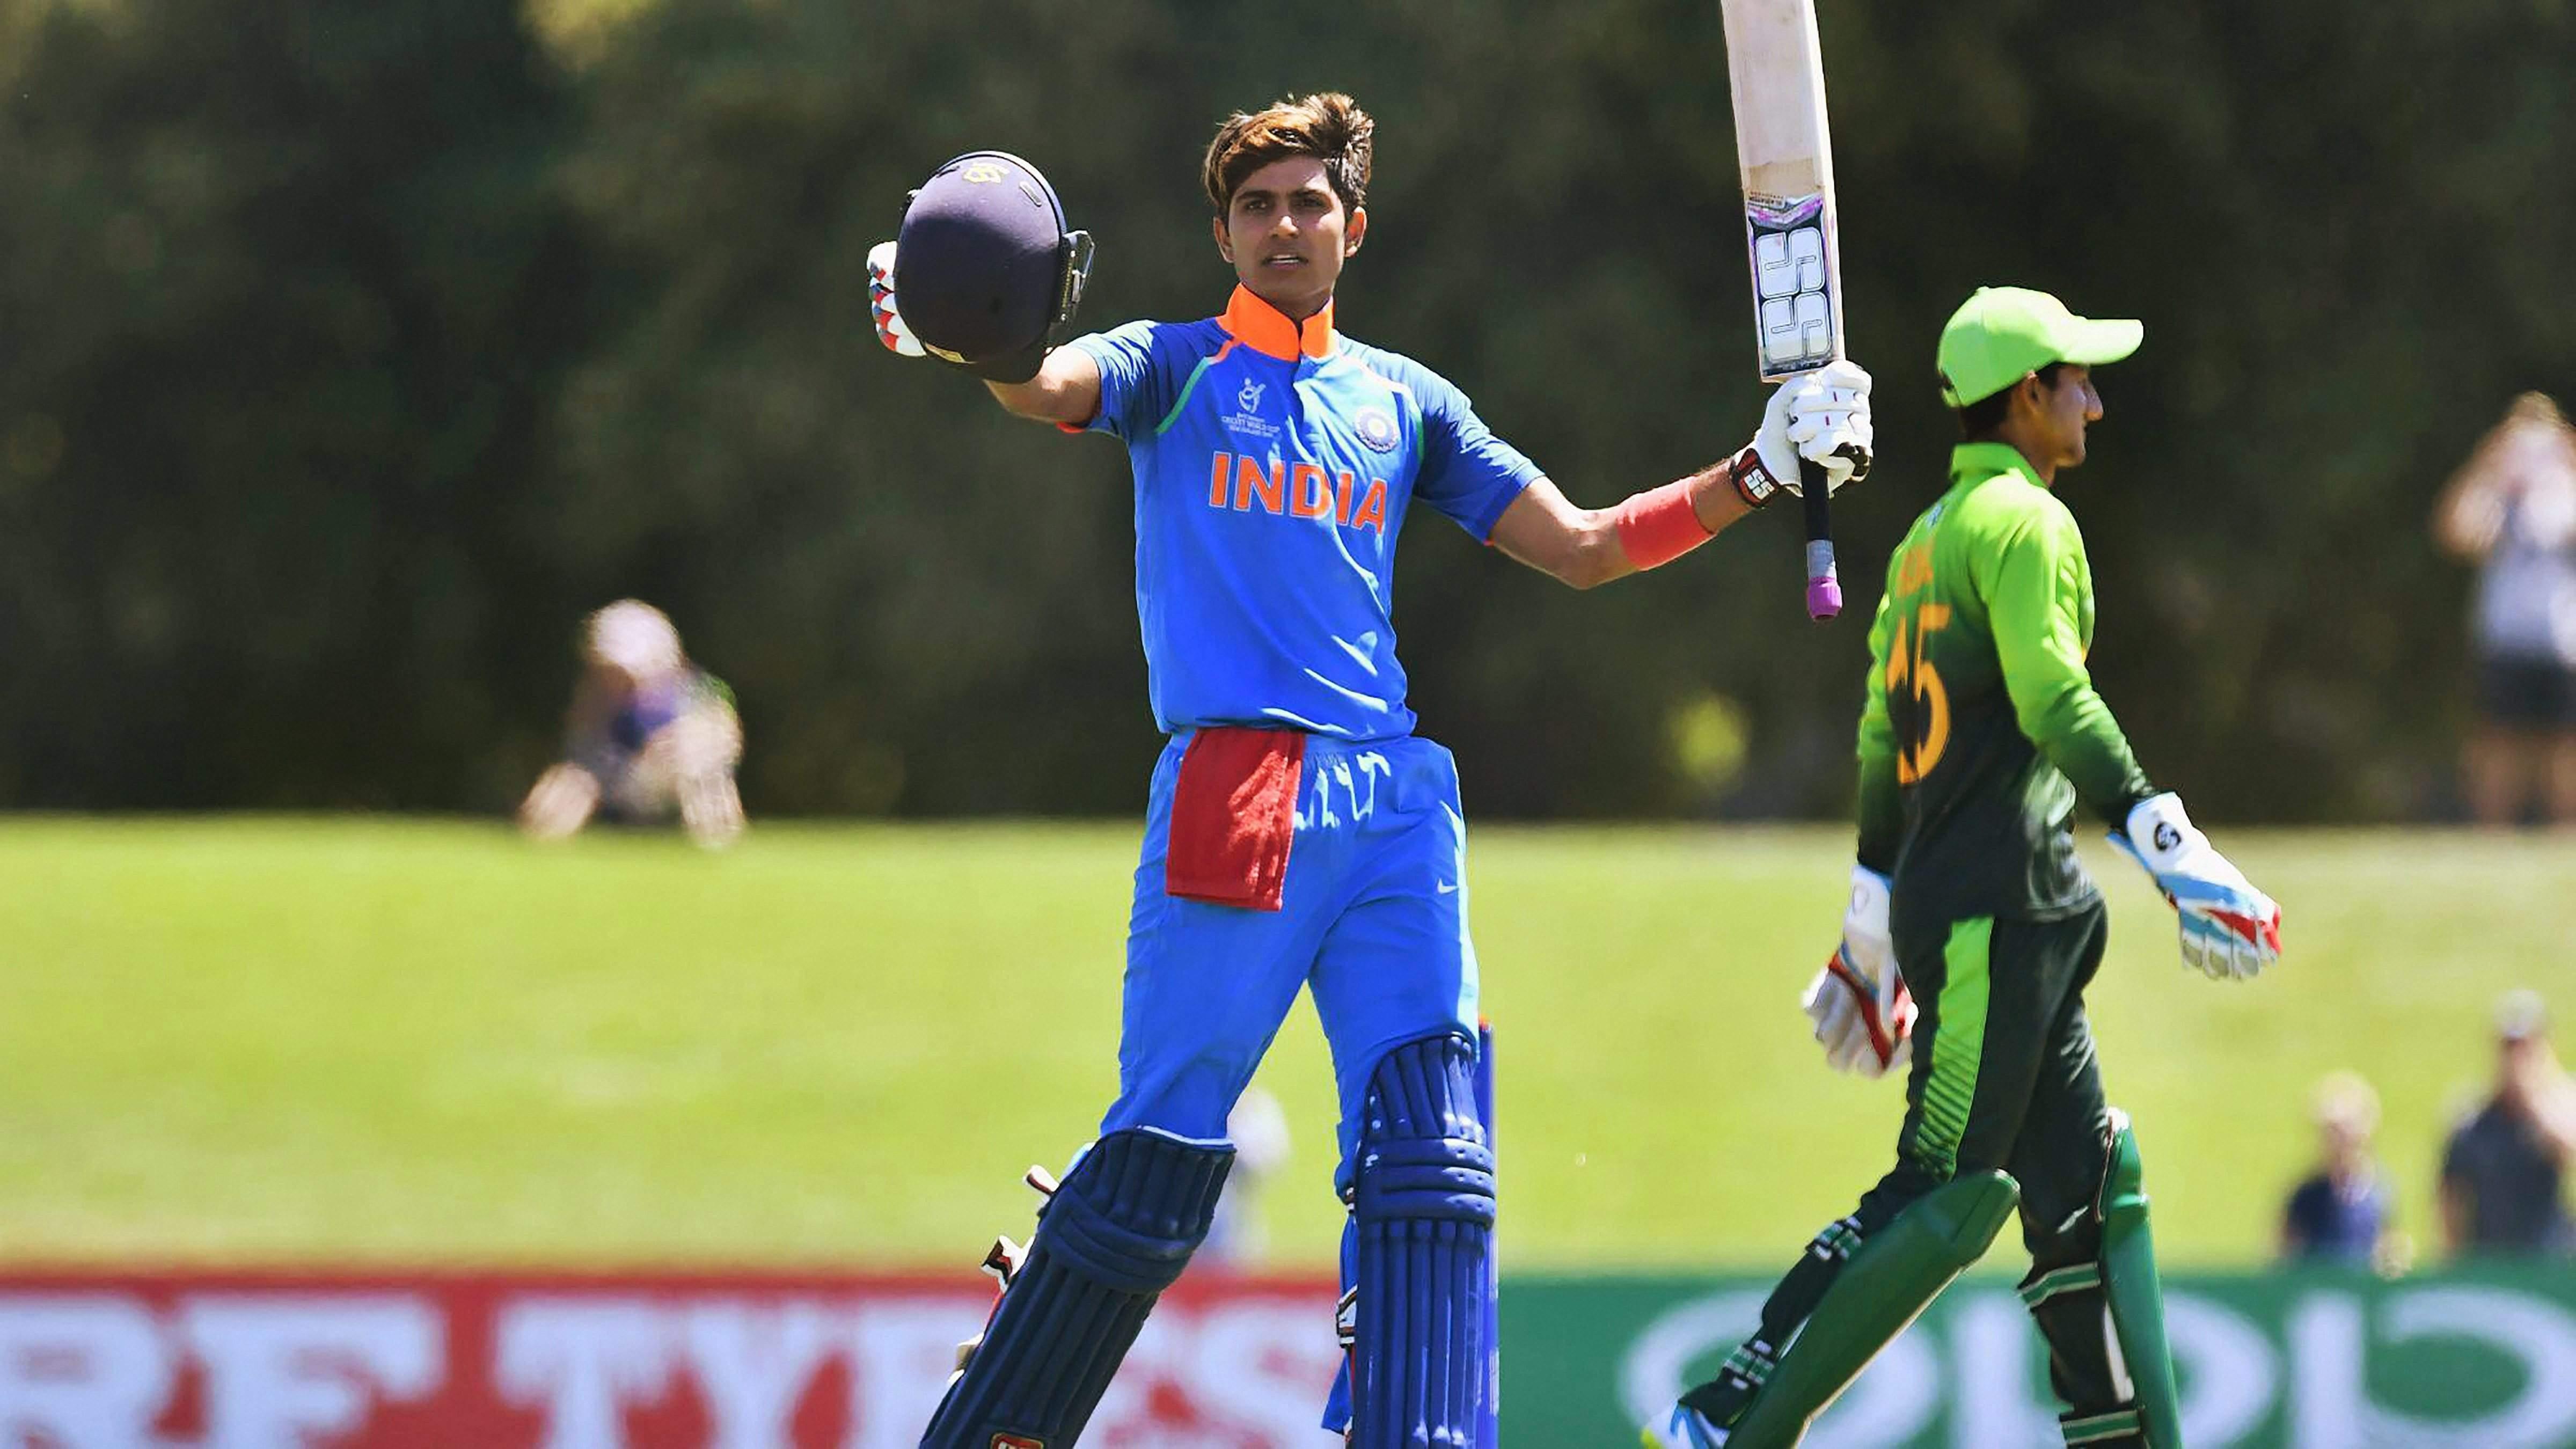 IPL 2018: कोहली,धोनी नहीं बल्कि इस लीजेण्ड को बताया शुभमन गिल ने अपना प्रेरणास्त्रोत तो राहुल द्रविड़ पर कह दी यह बड़ी बात 16